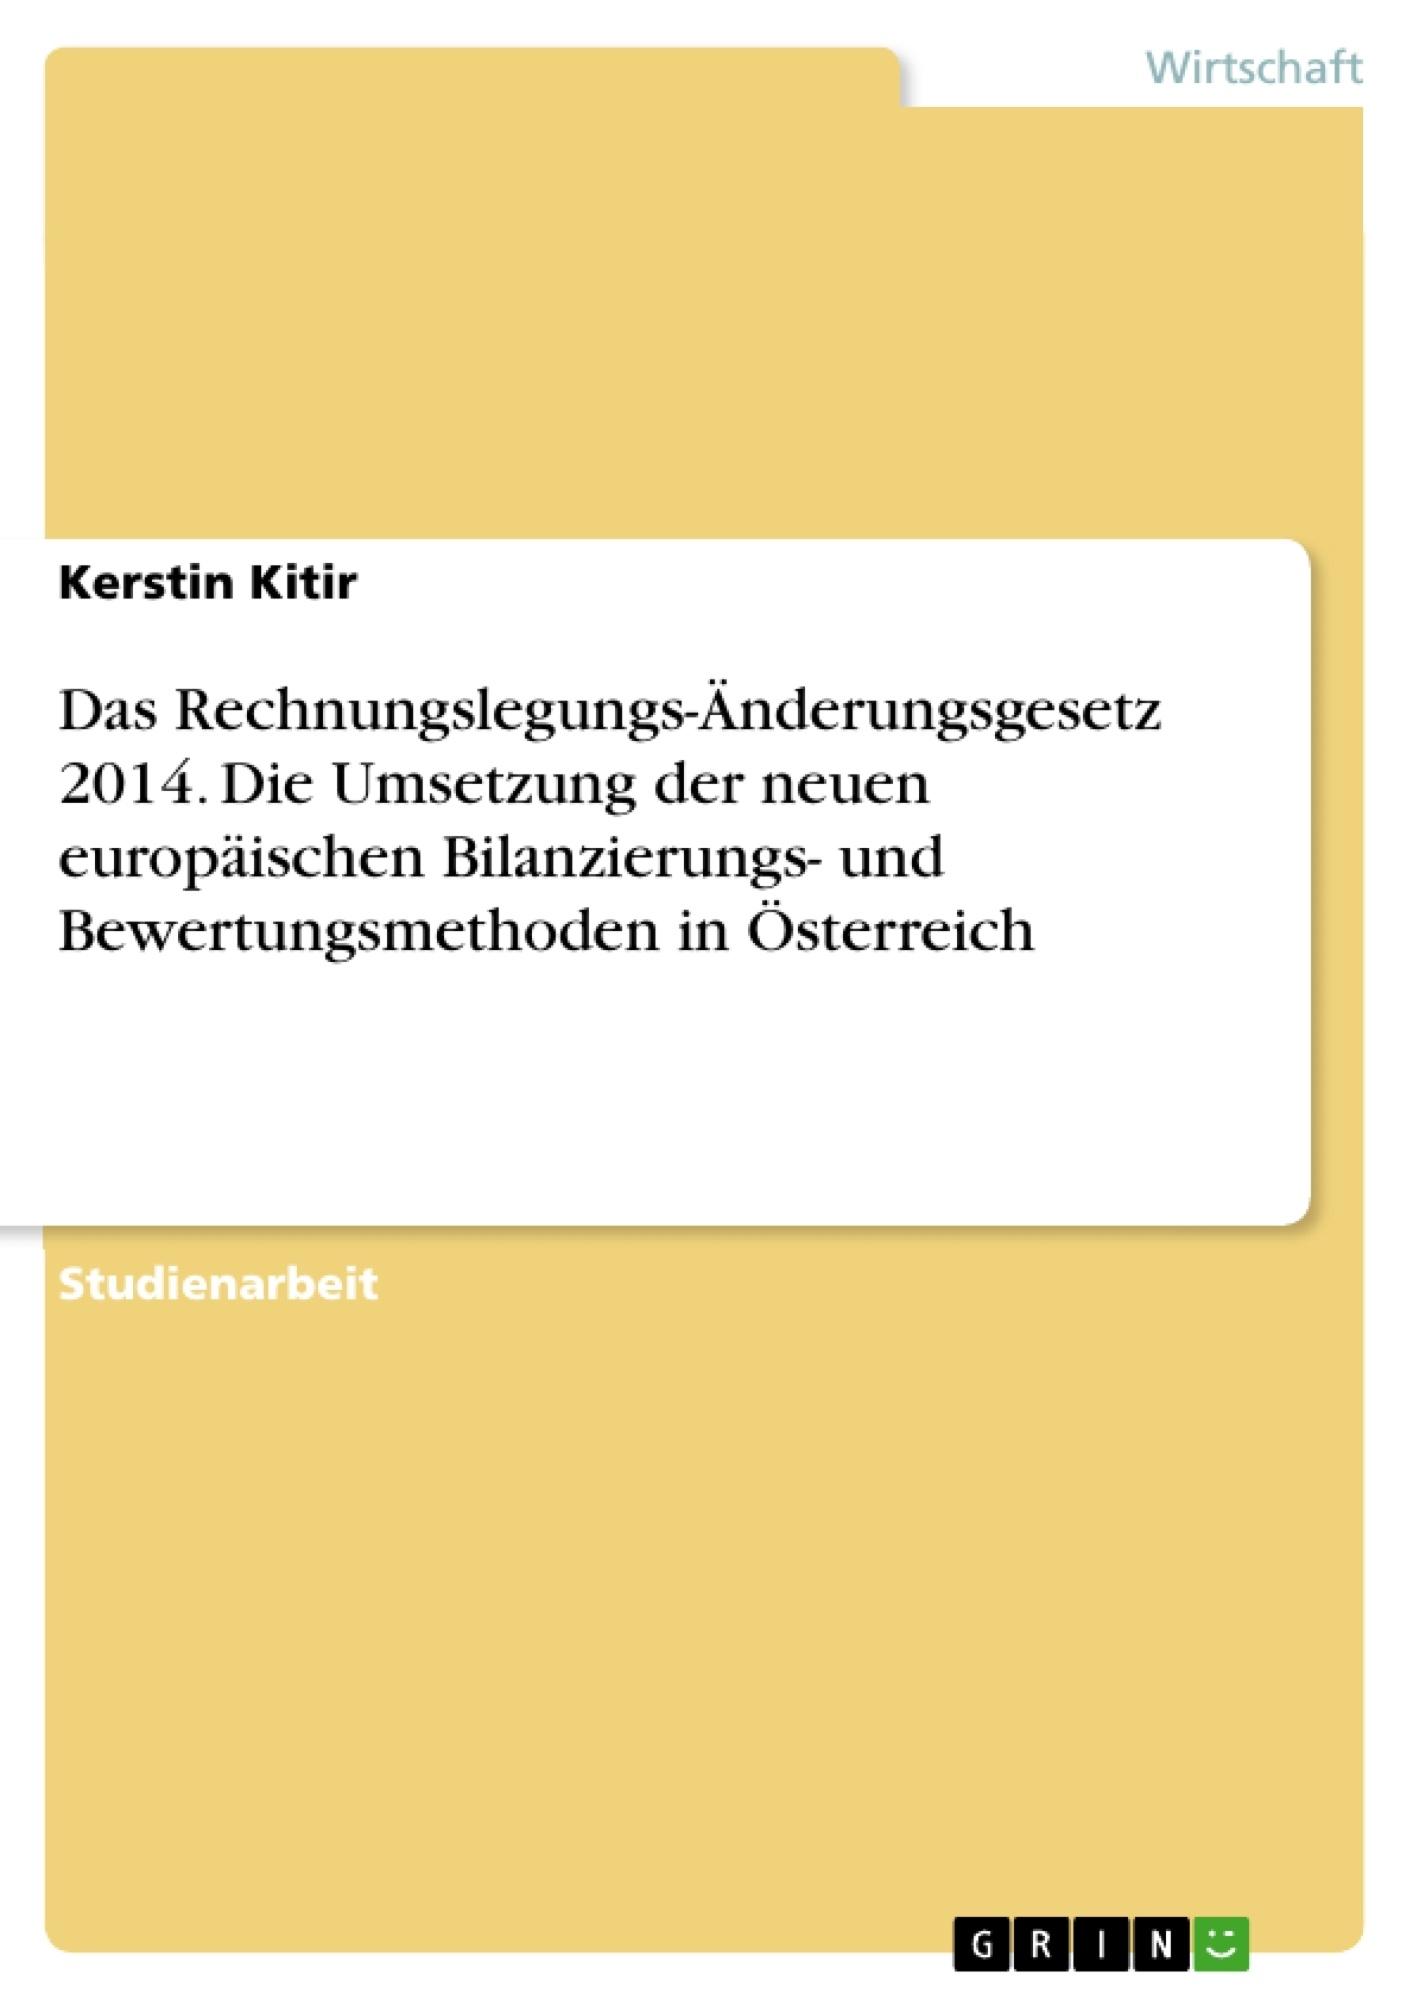 Titel: Das Rechnungslegungs-Änderungsgesetz 2014. Die Umsetzung der neuen europäischen Bilanzierungs- und Bewertungsmethoden in Österreich